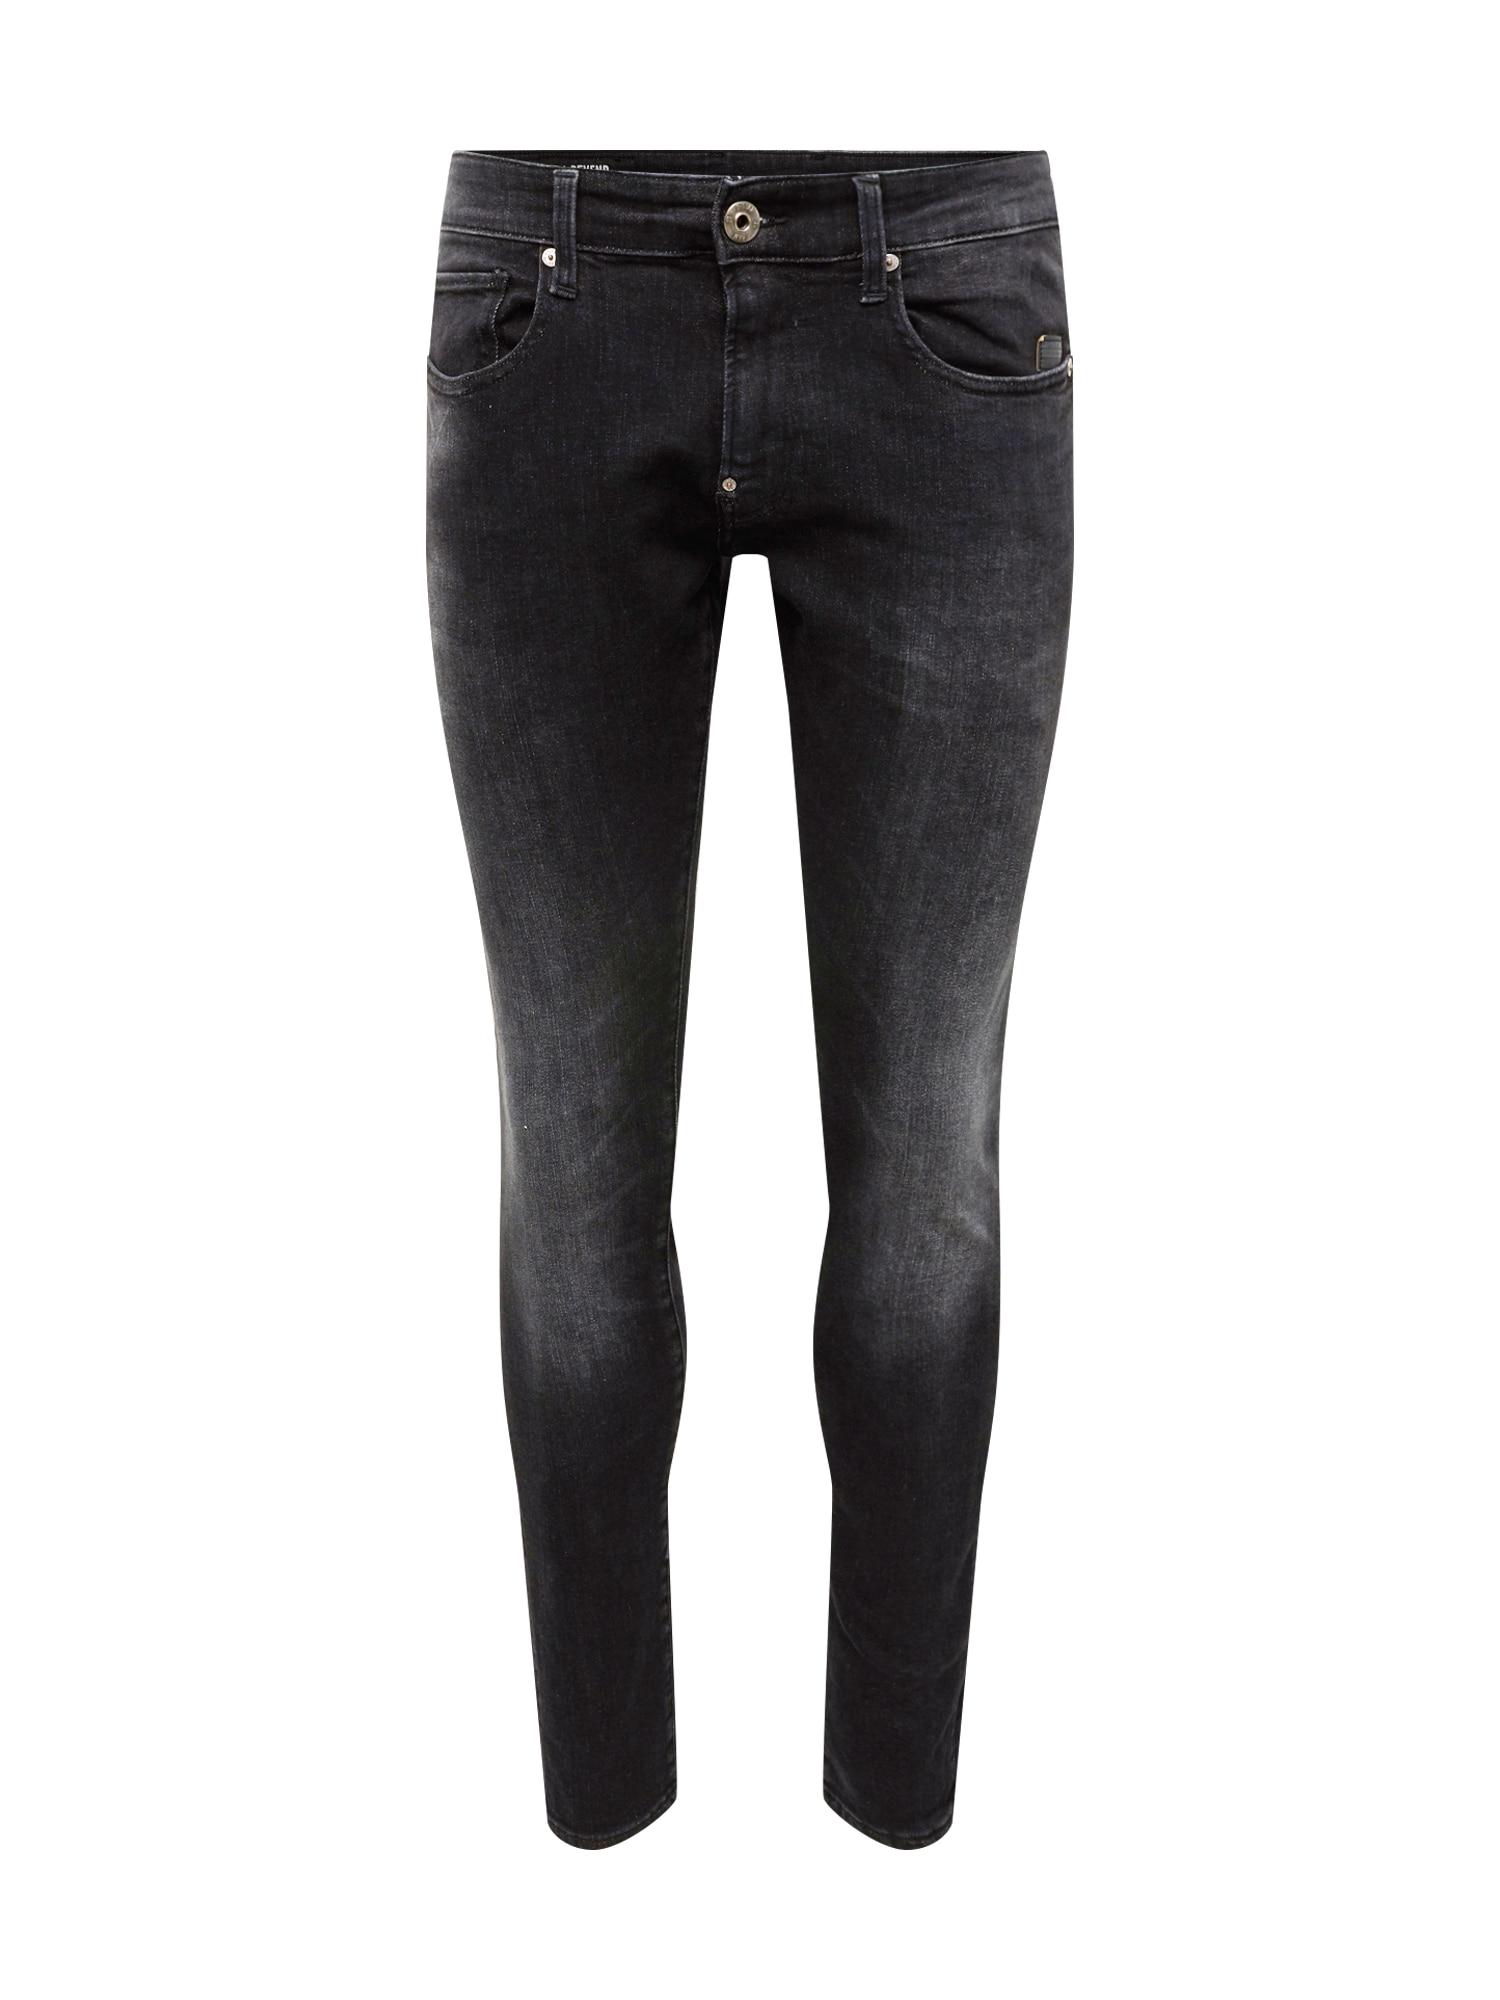 G-Star RAW Džinsai 'Revend' juodo džinso spalva